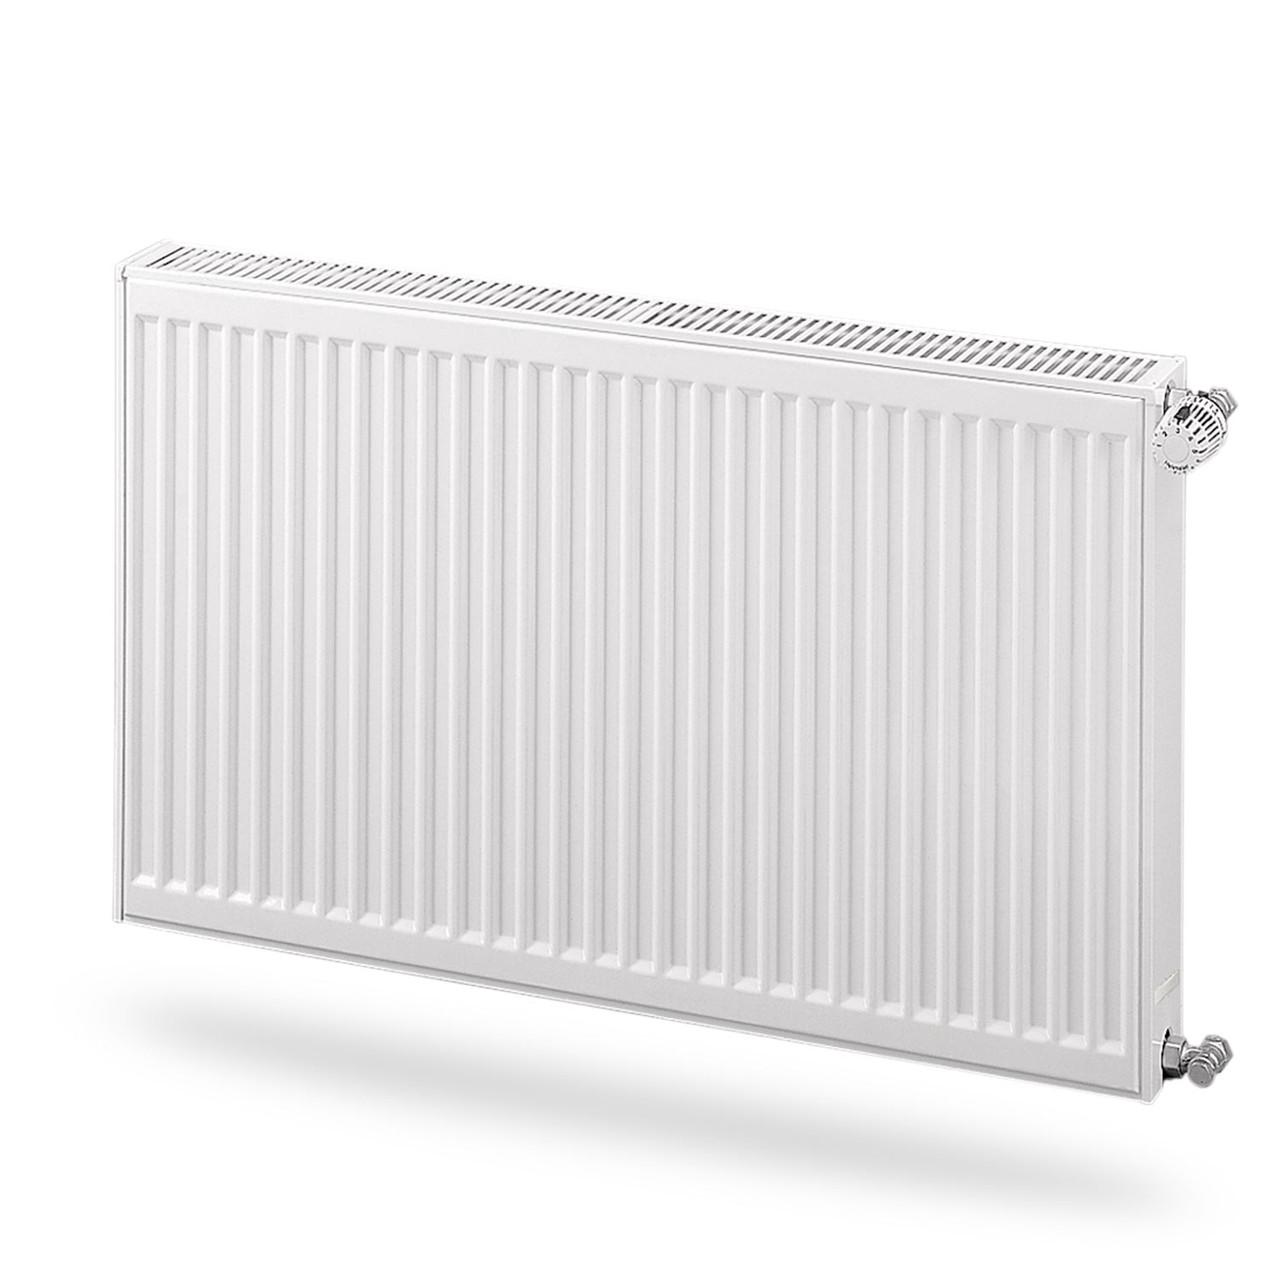 Стальной радиатор Purmo Compact 500х22х1400